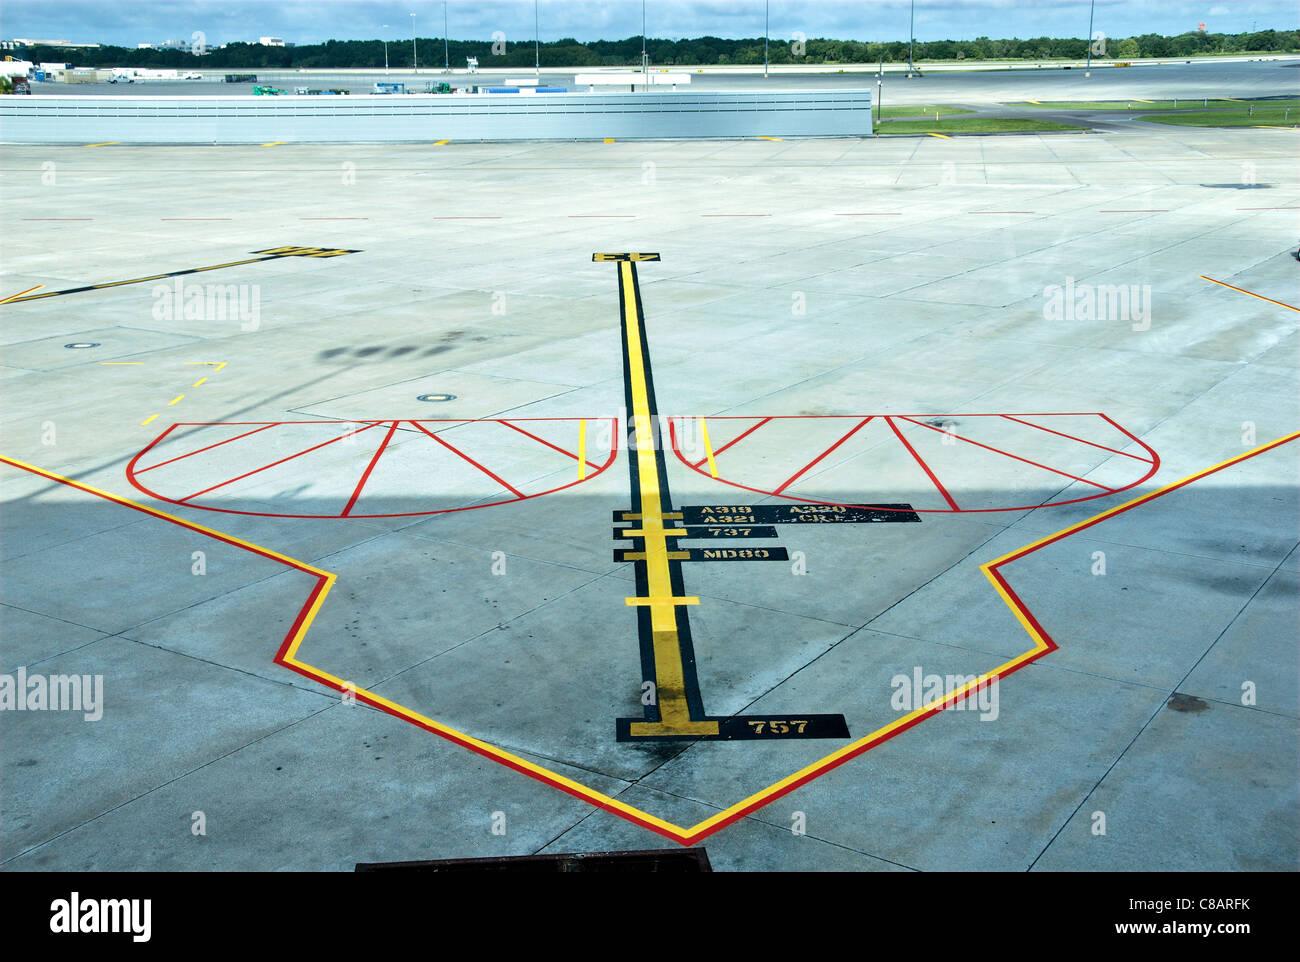 Las líneas guía pintada en la pista de aterrizaje en el aeropuerto de Tampa, Florida. Imagen De Stock